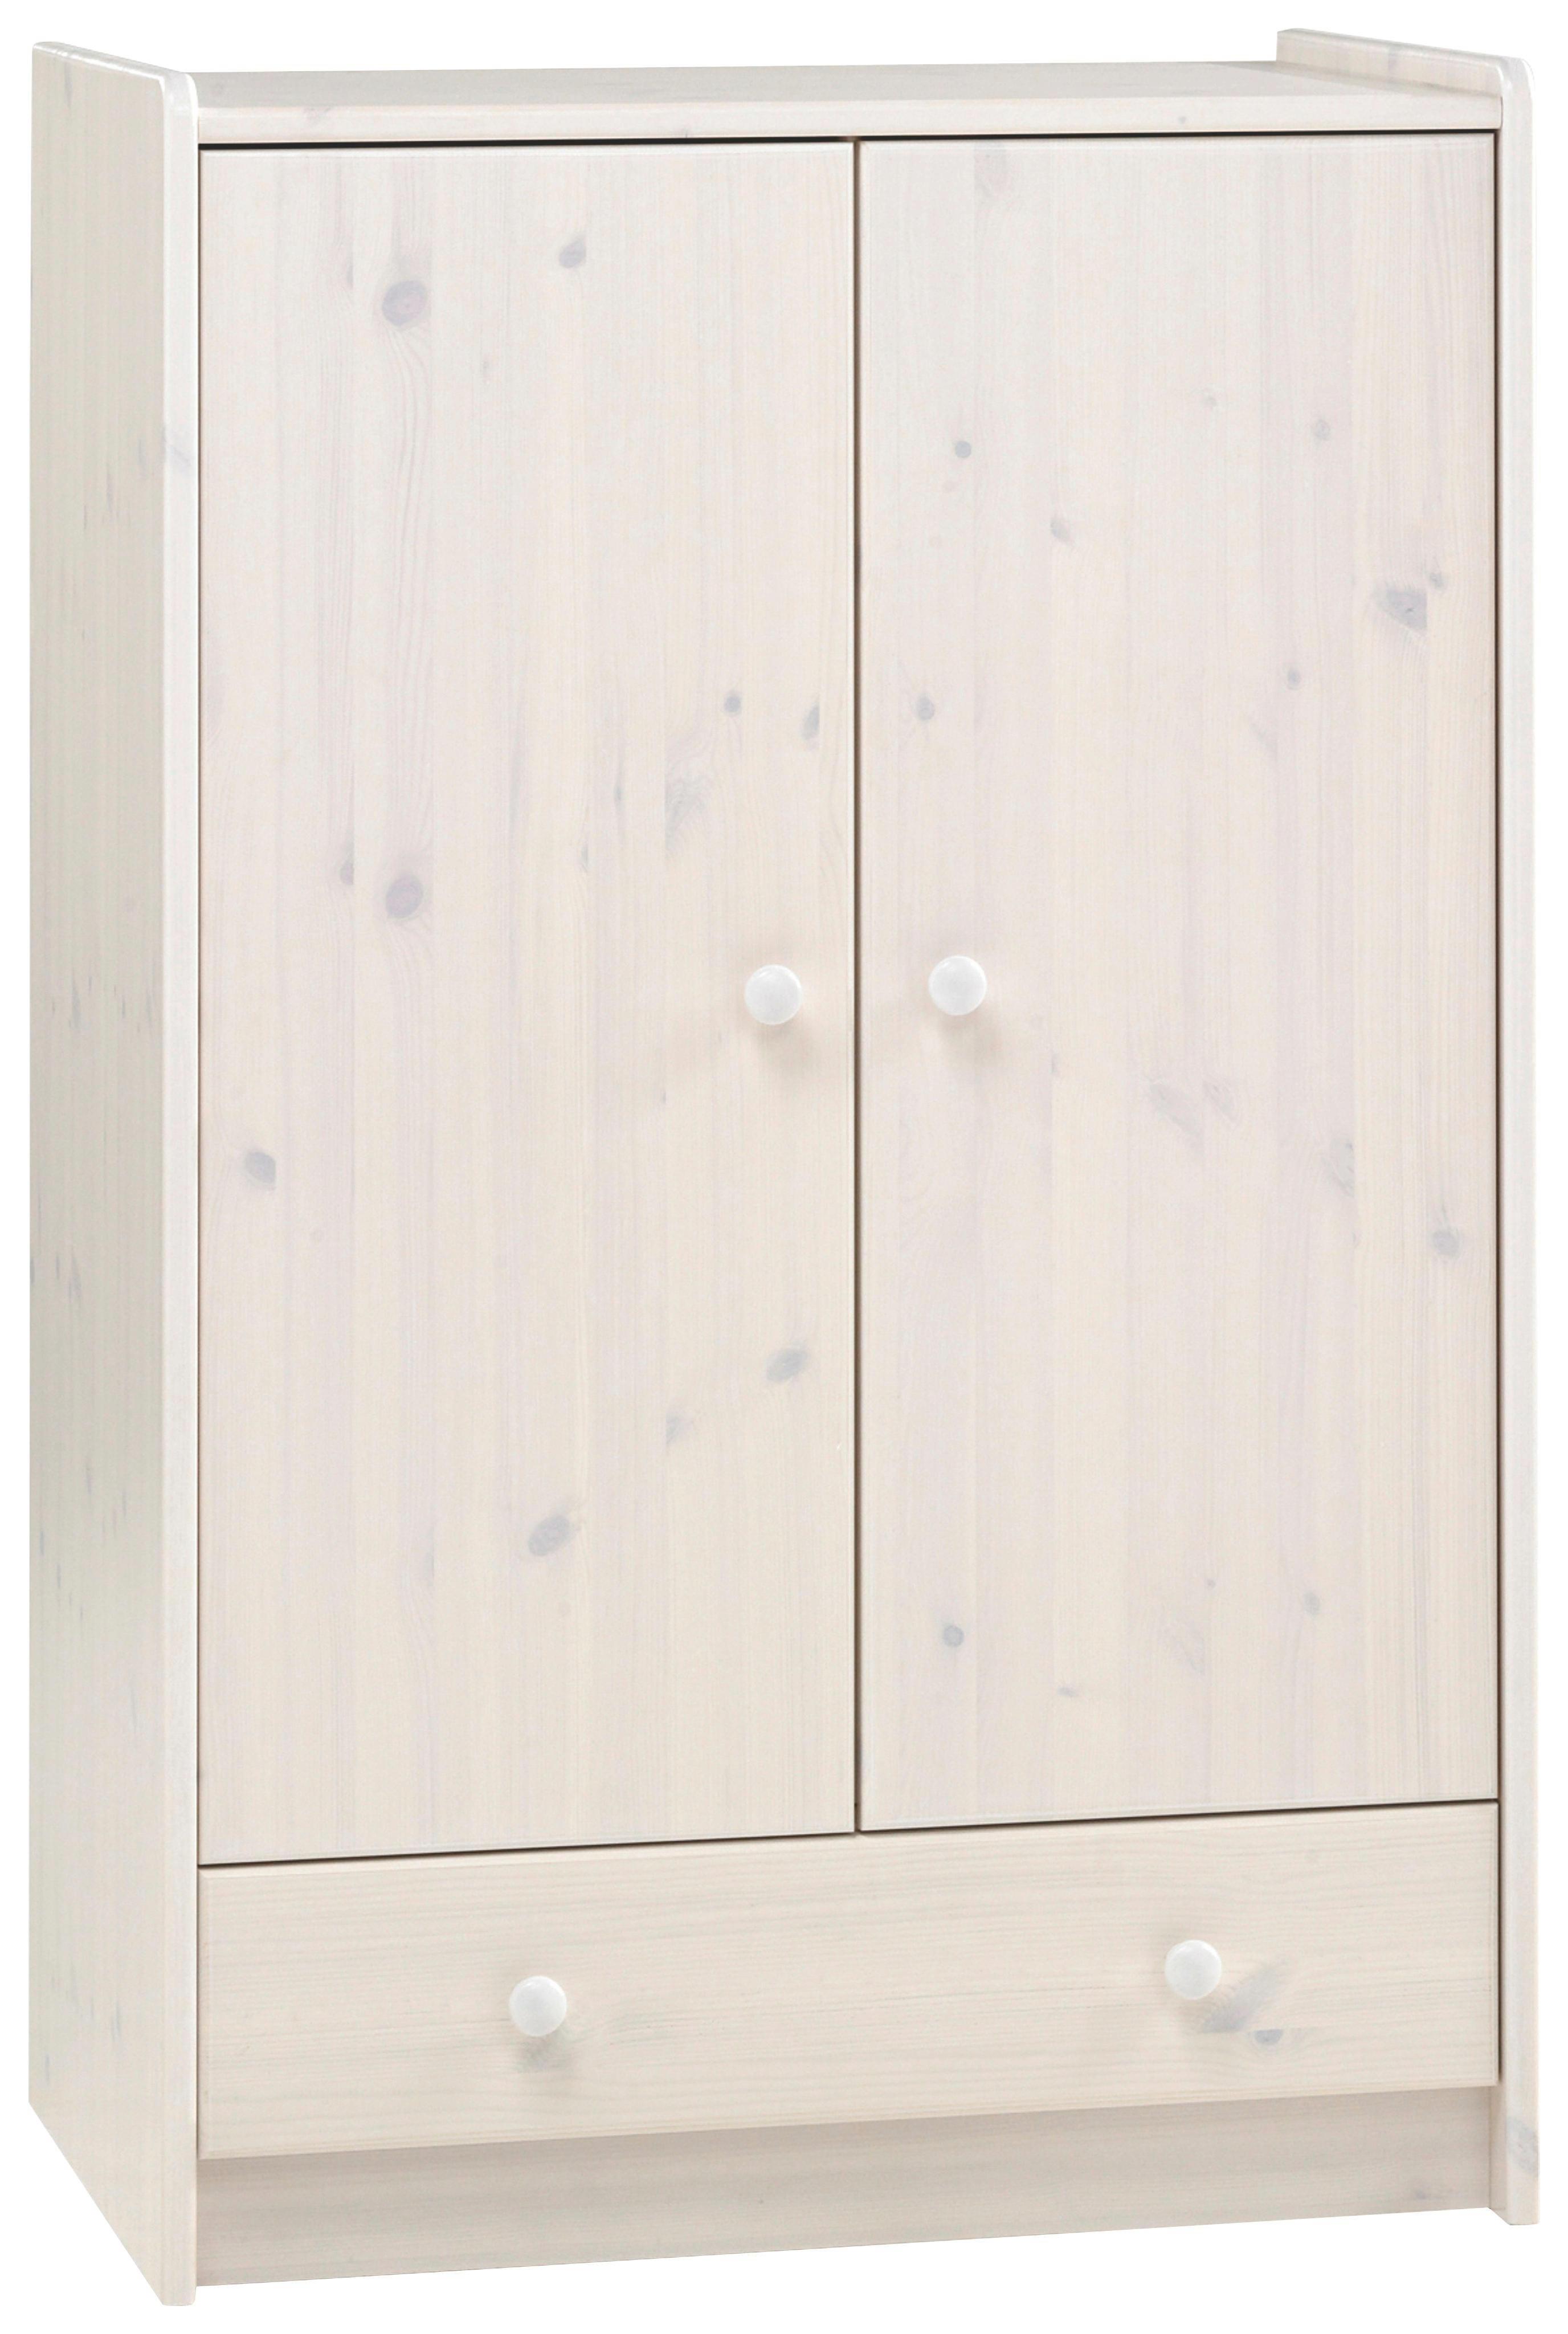 KLEIDERSCHRANK 2  -türig Kiefer massiv Weiß - Weiß, Design, Holz (79/123/54cm) - CARRYHOME